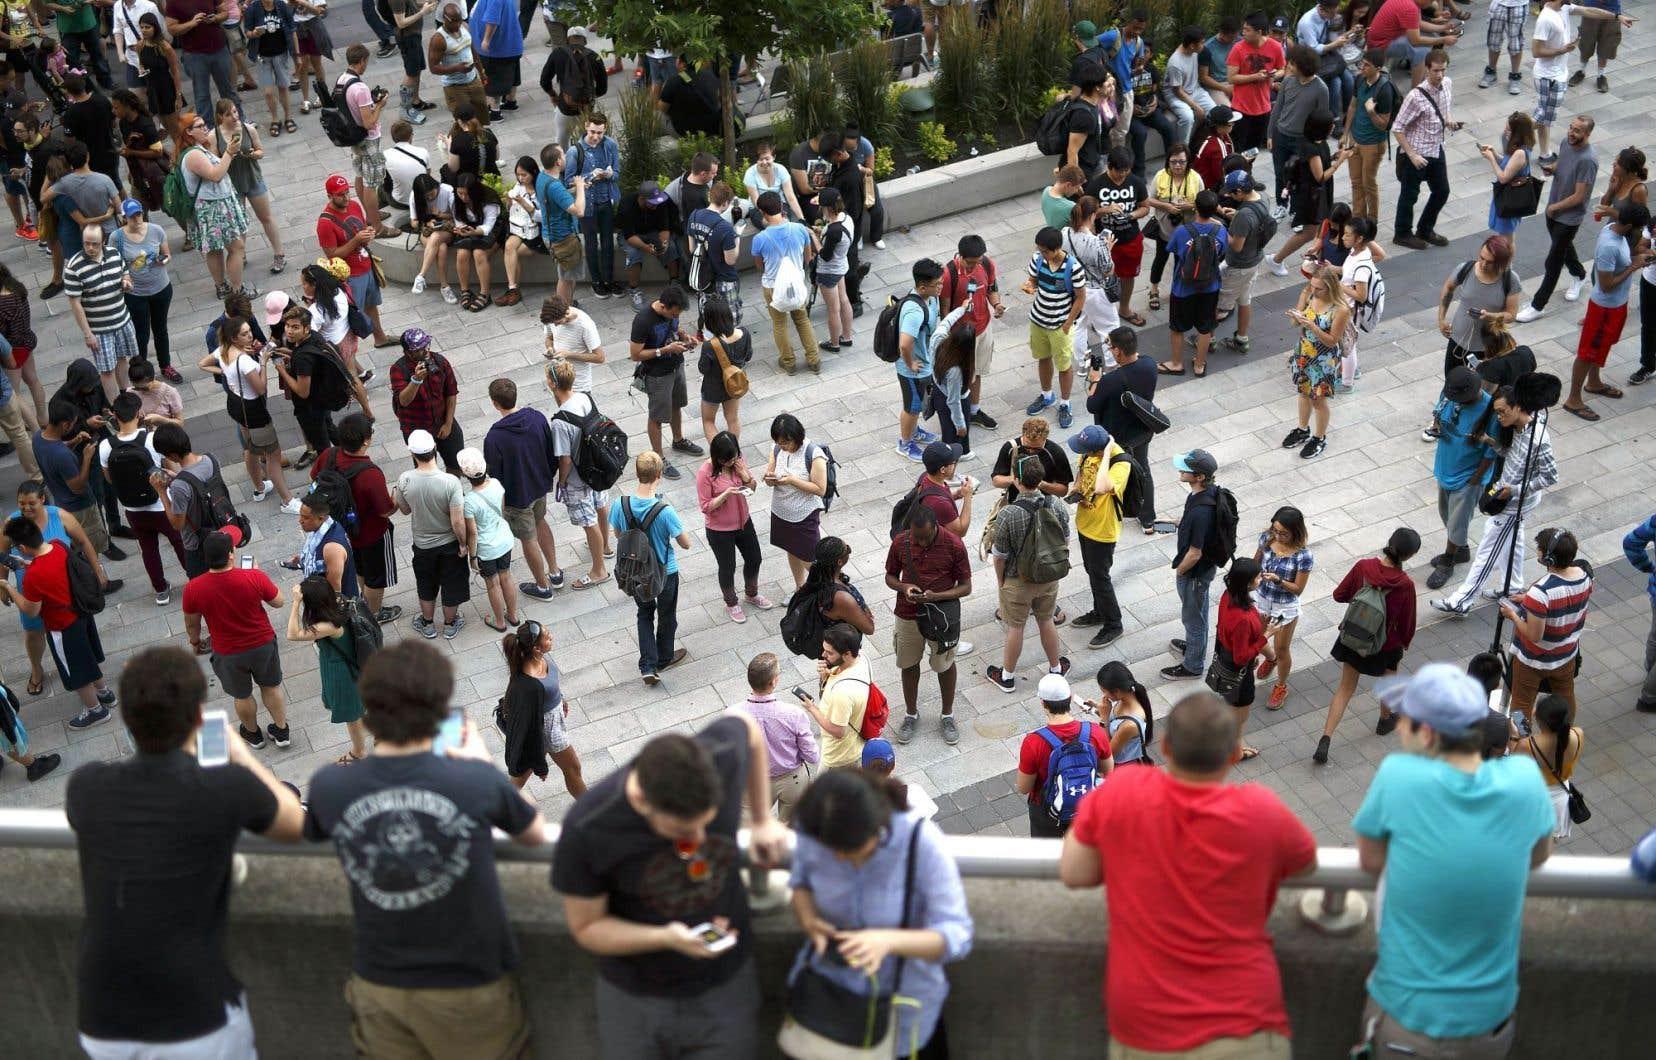 L'engouement pour Pokémon Go se vérifie partout où le jeu est disponible, comme on le voit sur cette photo prise à Toronto.